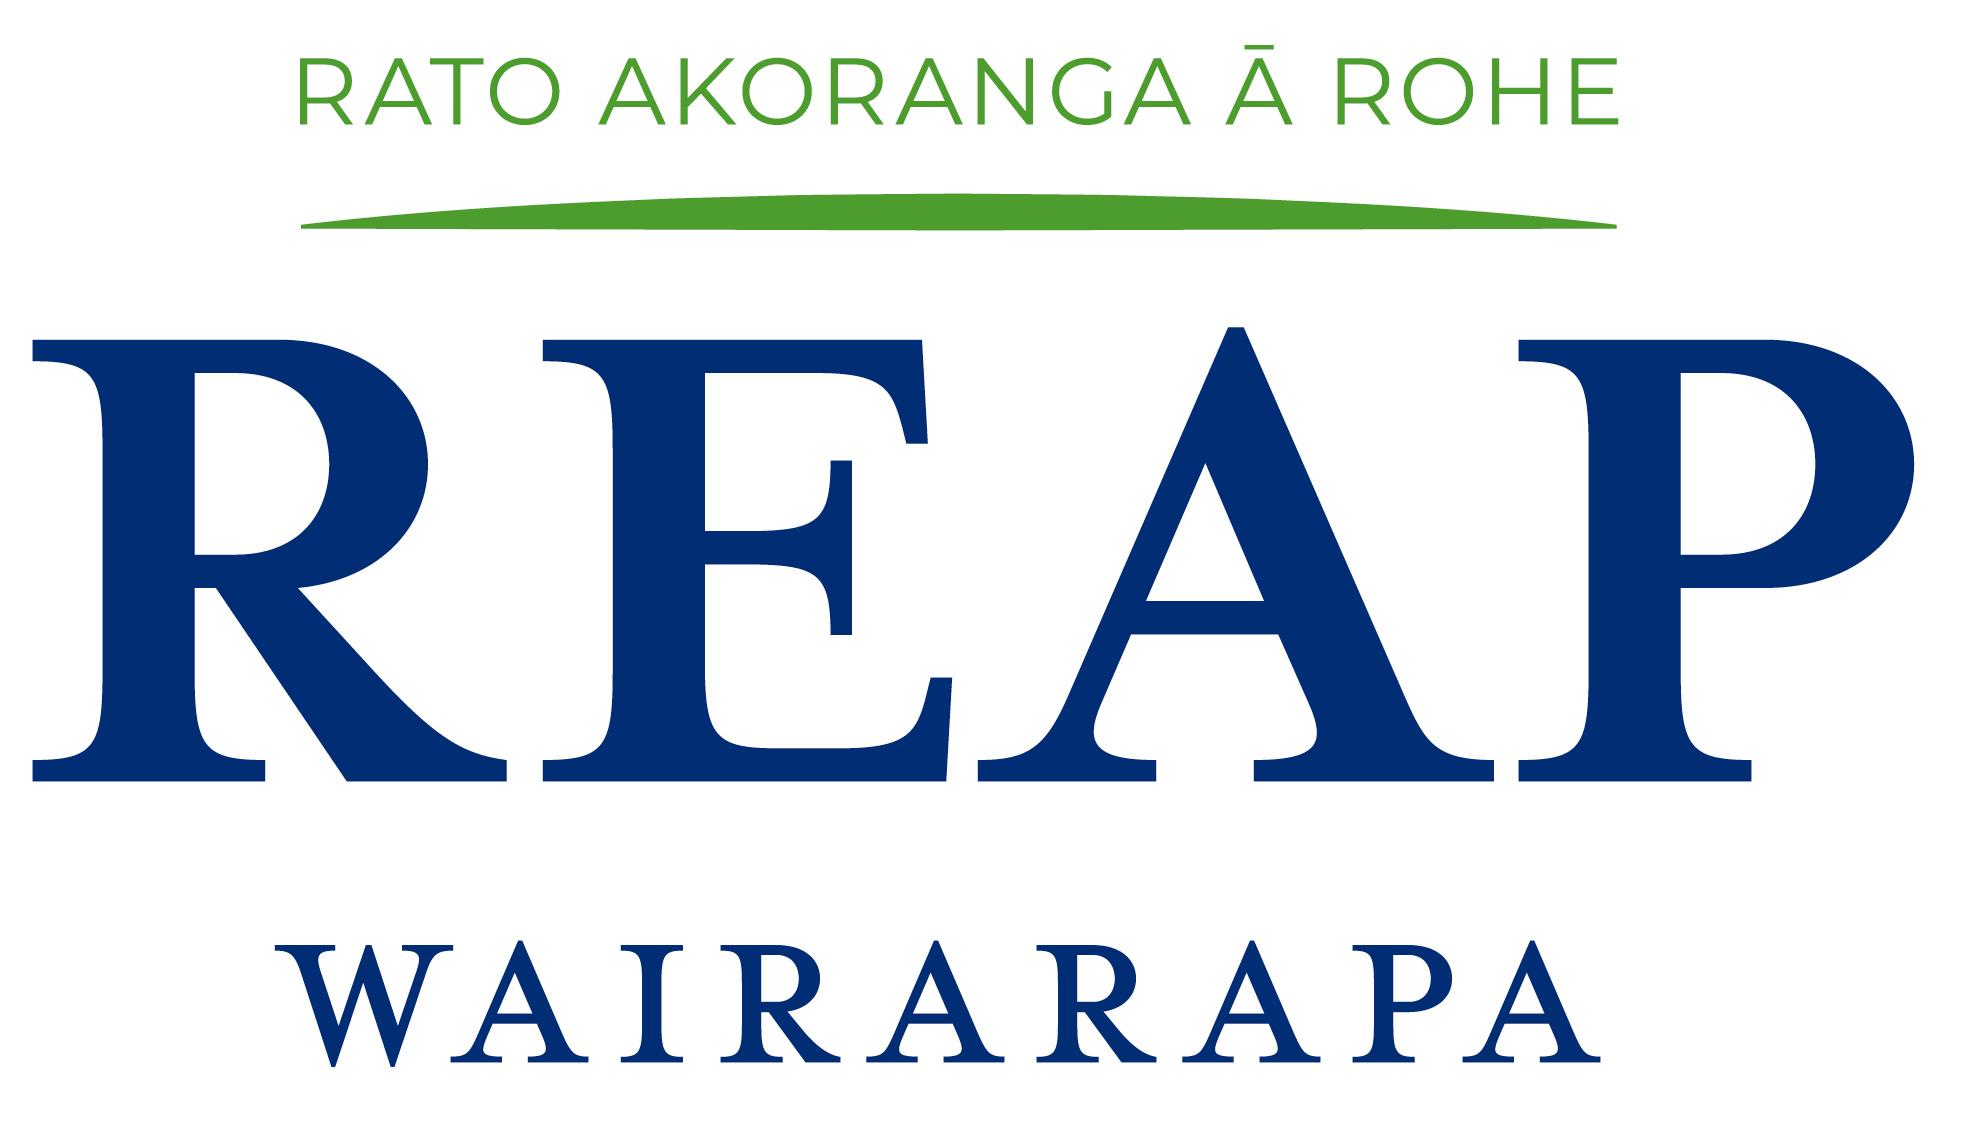 REAP Wairarapa